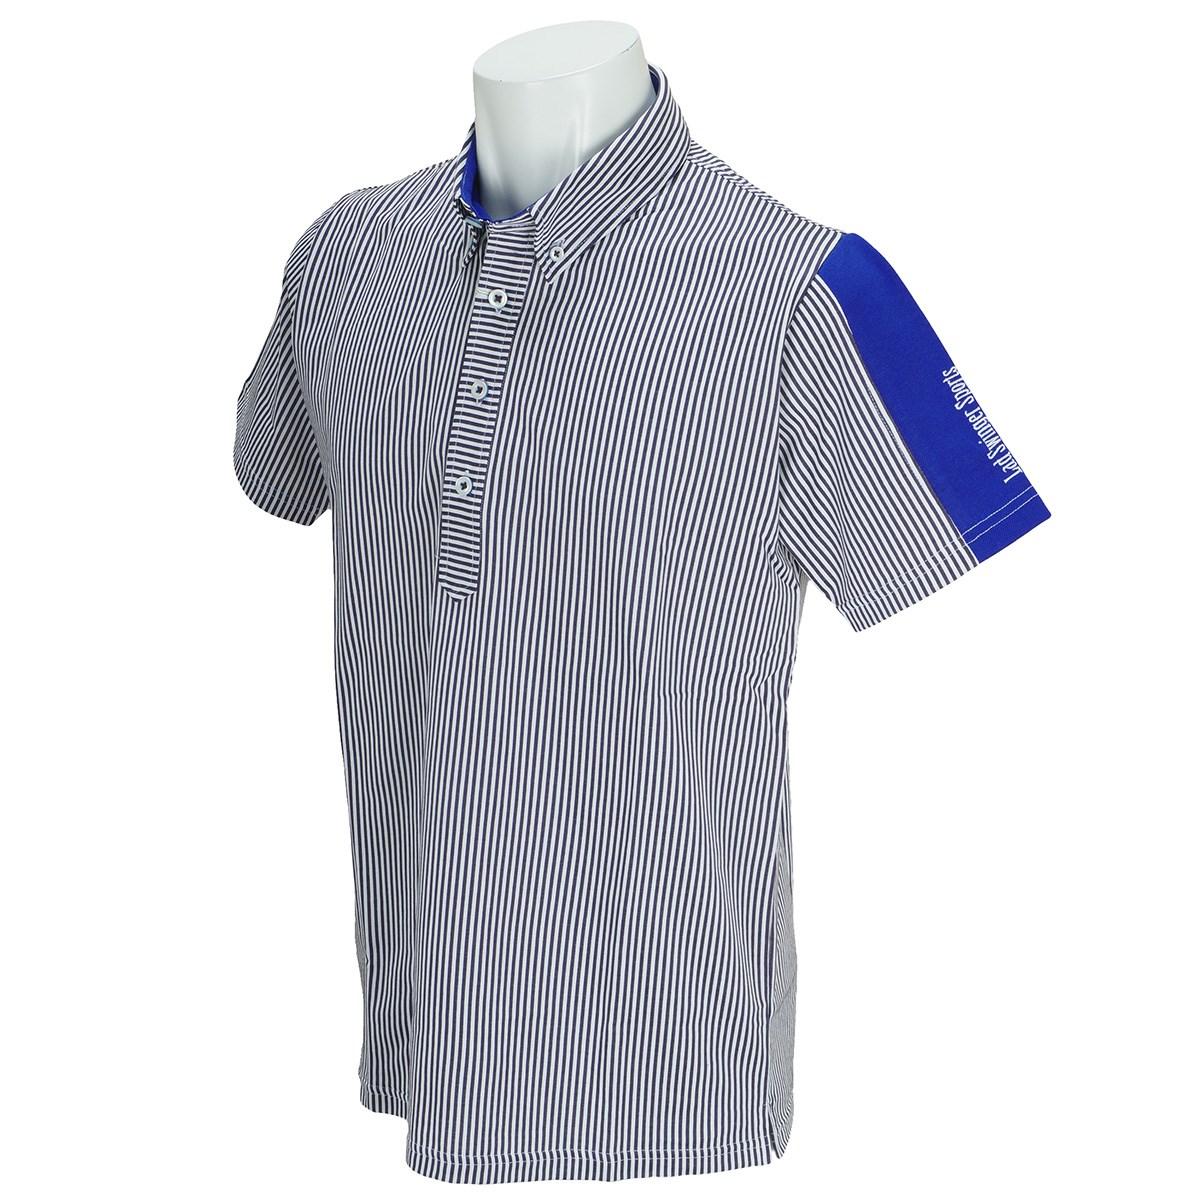 ラッド スウィンガー スポーツ ストライプ柄半袖ボタンダウンポロシャツ